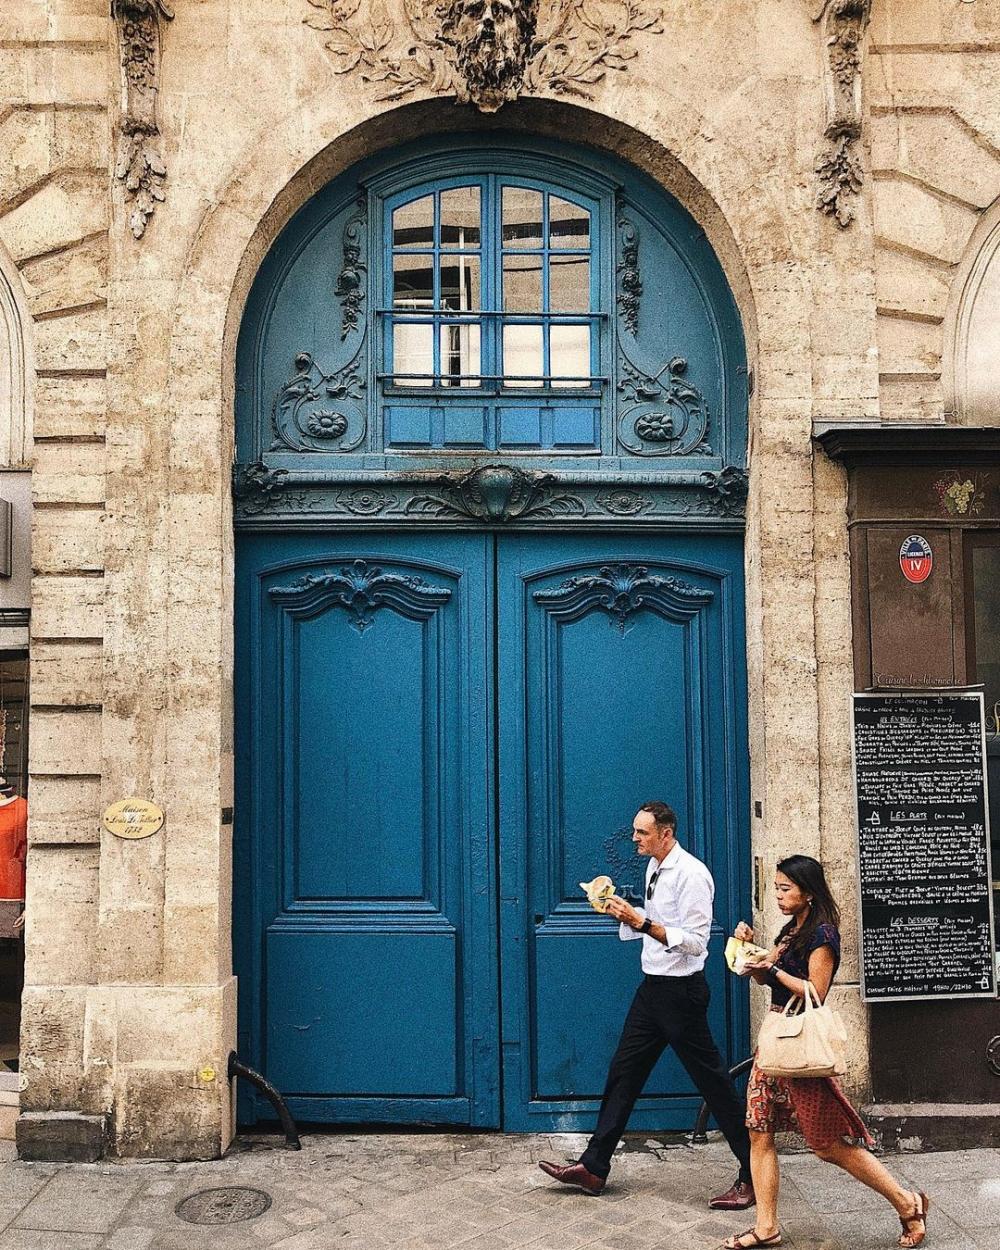 感受從容的漫步在歐洲街頭,欣賞城市的藝術門-